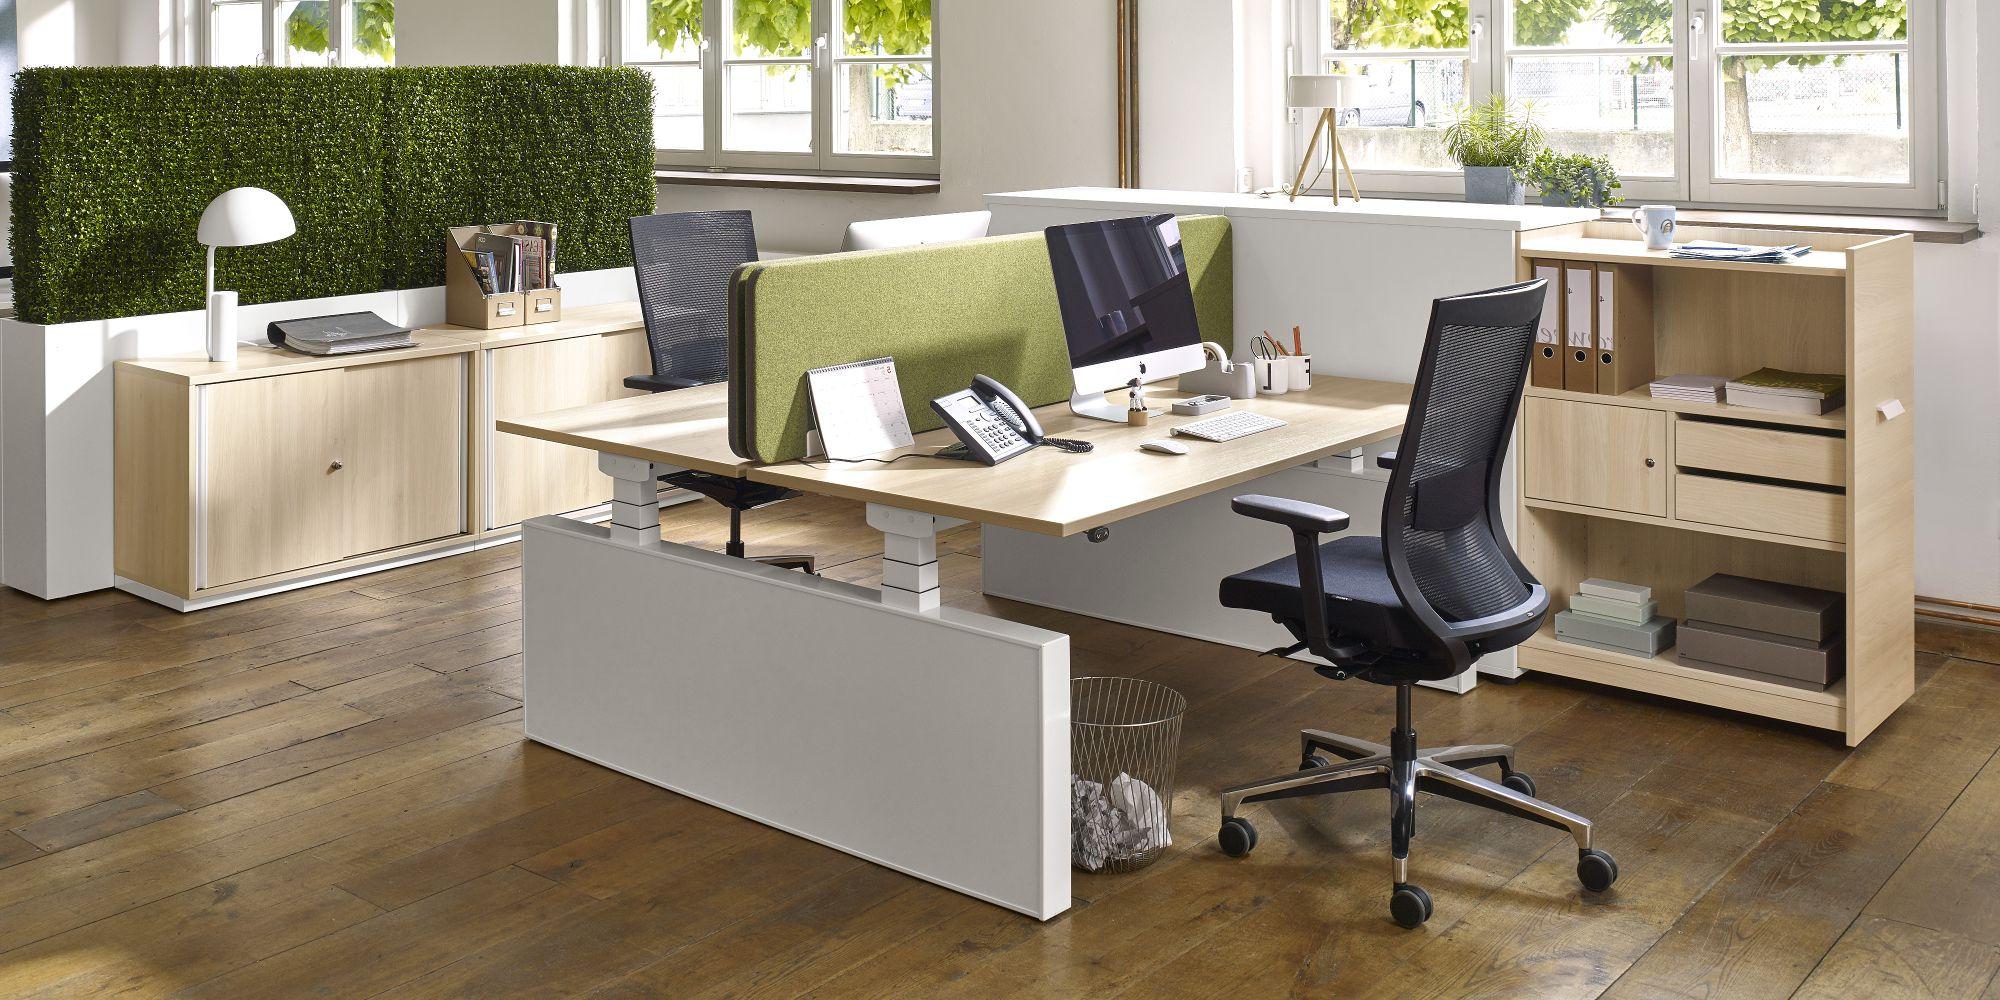 Erstaunlich Büro Ideen Dekoration Von Bildergebnis Für Raumgestaltung Büro